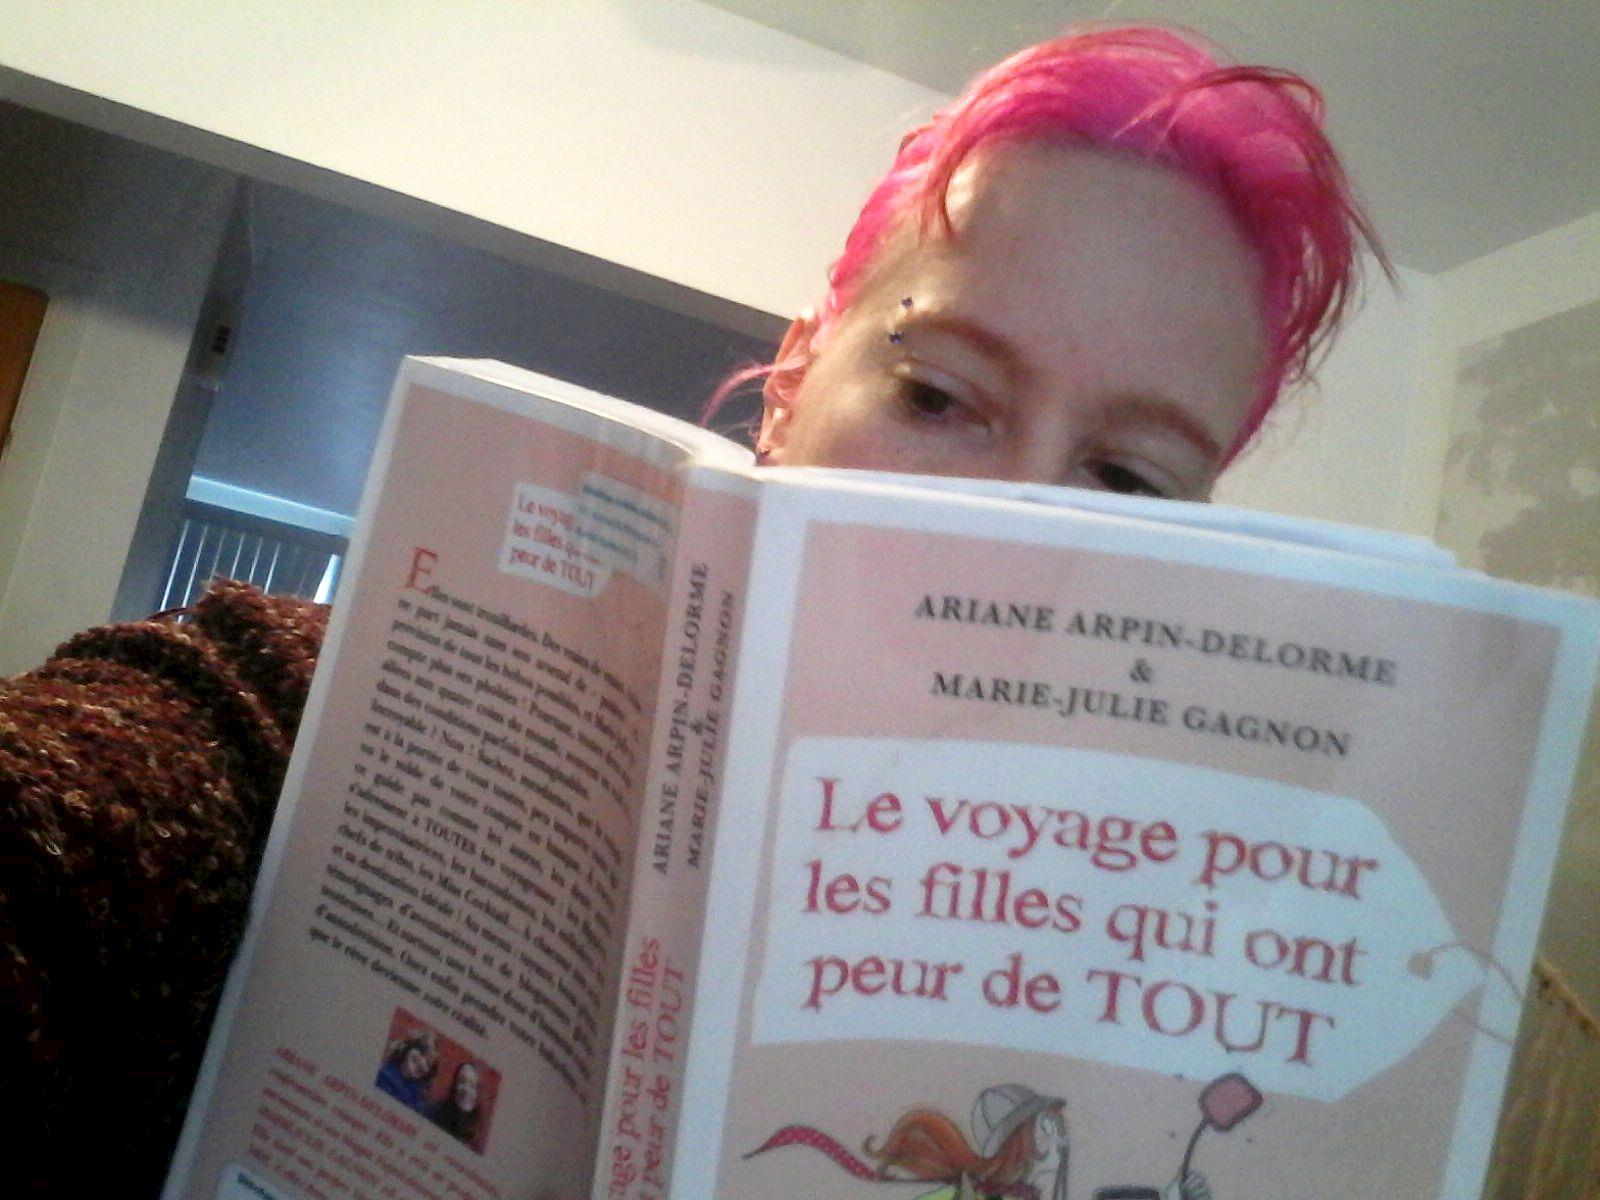 Lectures : Le voyage pour les filles qui ont peur de tout